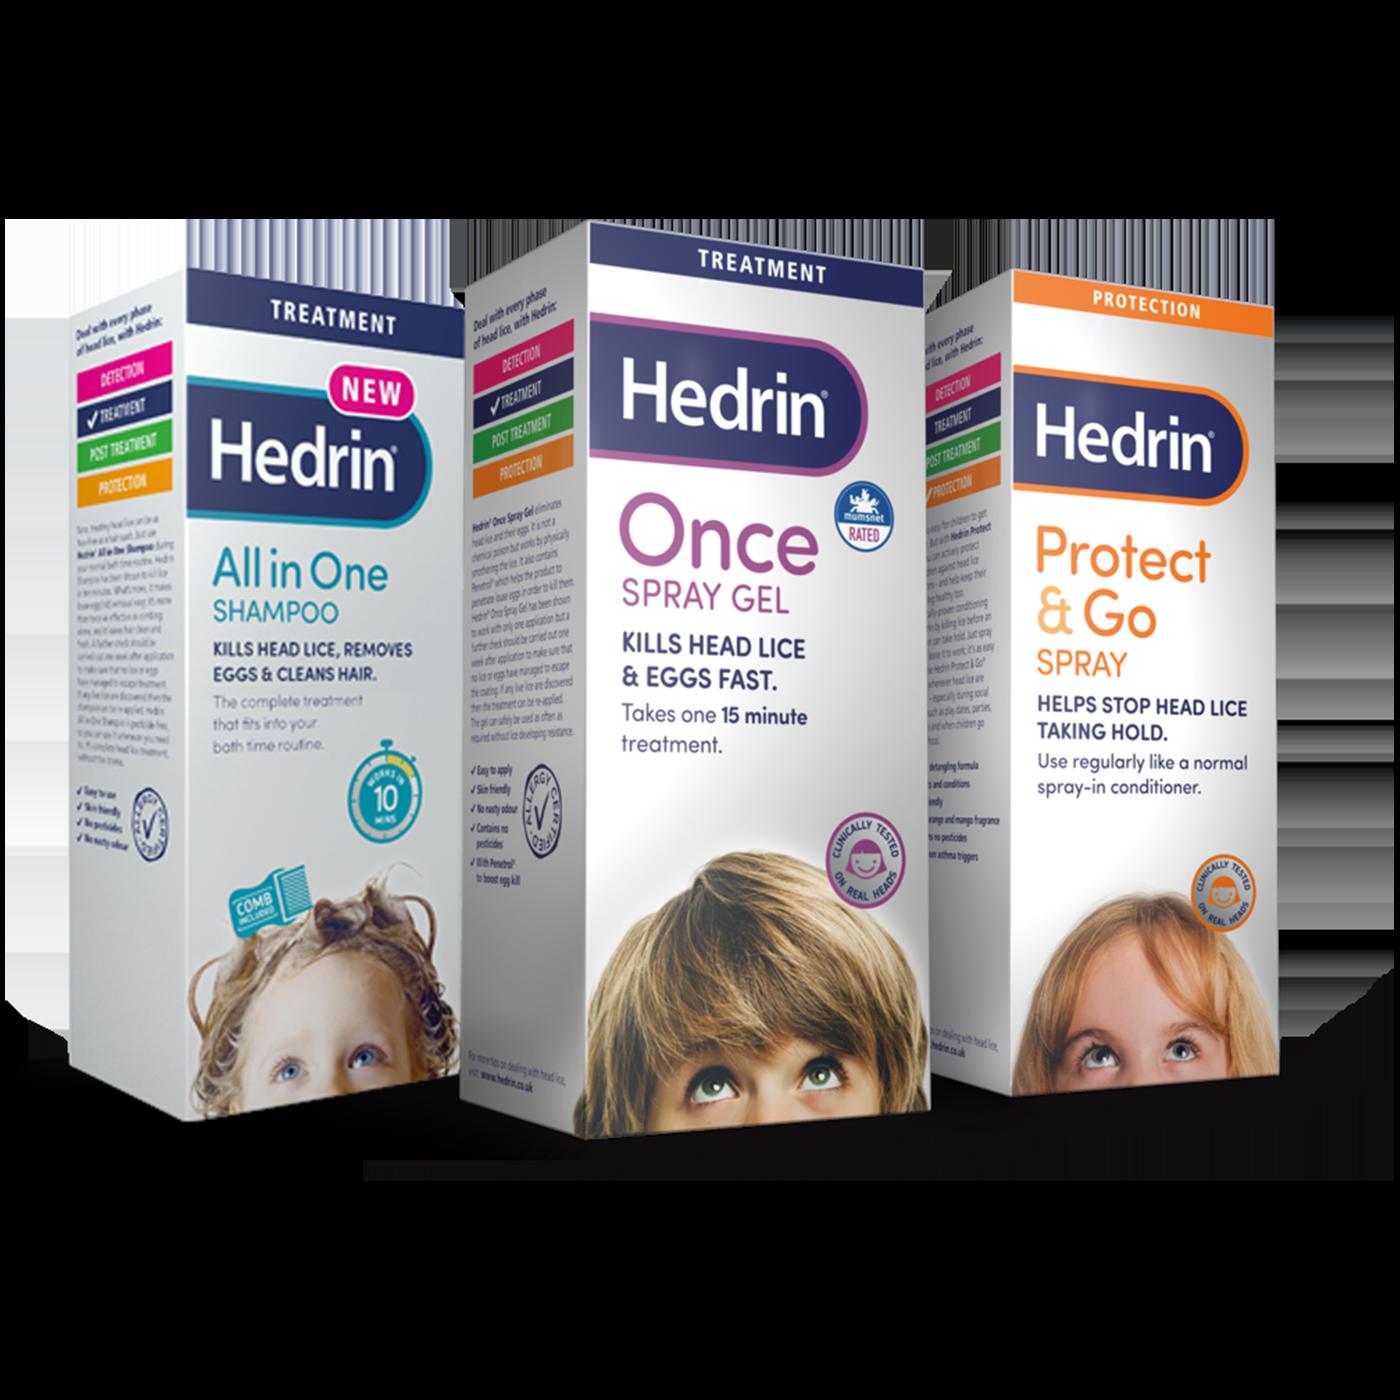 Kaip veikia Hedrin produktai? - Hedrin efektyvumas paremtas jo aktyviaisiais komponentais: dimetikonu (Hedrin 4% tirpalas ir Hedrin Once) ir medžiaga Activdiol (Protect & Go). Visos formulės yra patentuotos ir klinikiniais tyrimais įrodytas jų efektyvumas, naikinant galvos utėles. Preparatas veikia netgi tas utėles, kurios yra įgavusios atsparumą tradicinėms pesticidinėmis priemonėms. Hedrin produktuose nėra tirpiklių, kuriems yra jautrūs astma sergantys žmonės.Hedrin 4% tirpalasHedrin Once Spray gelisHedrin All in One šampūnas